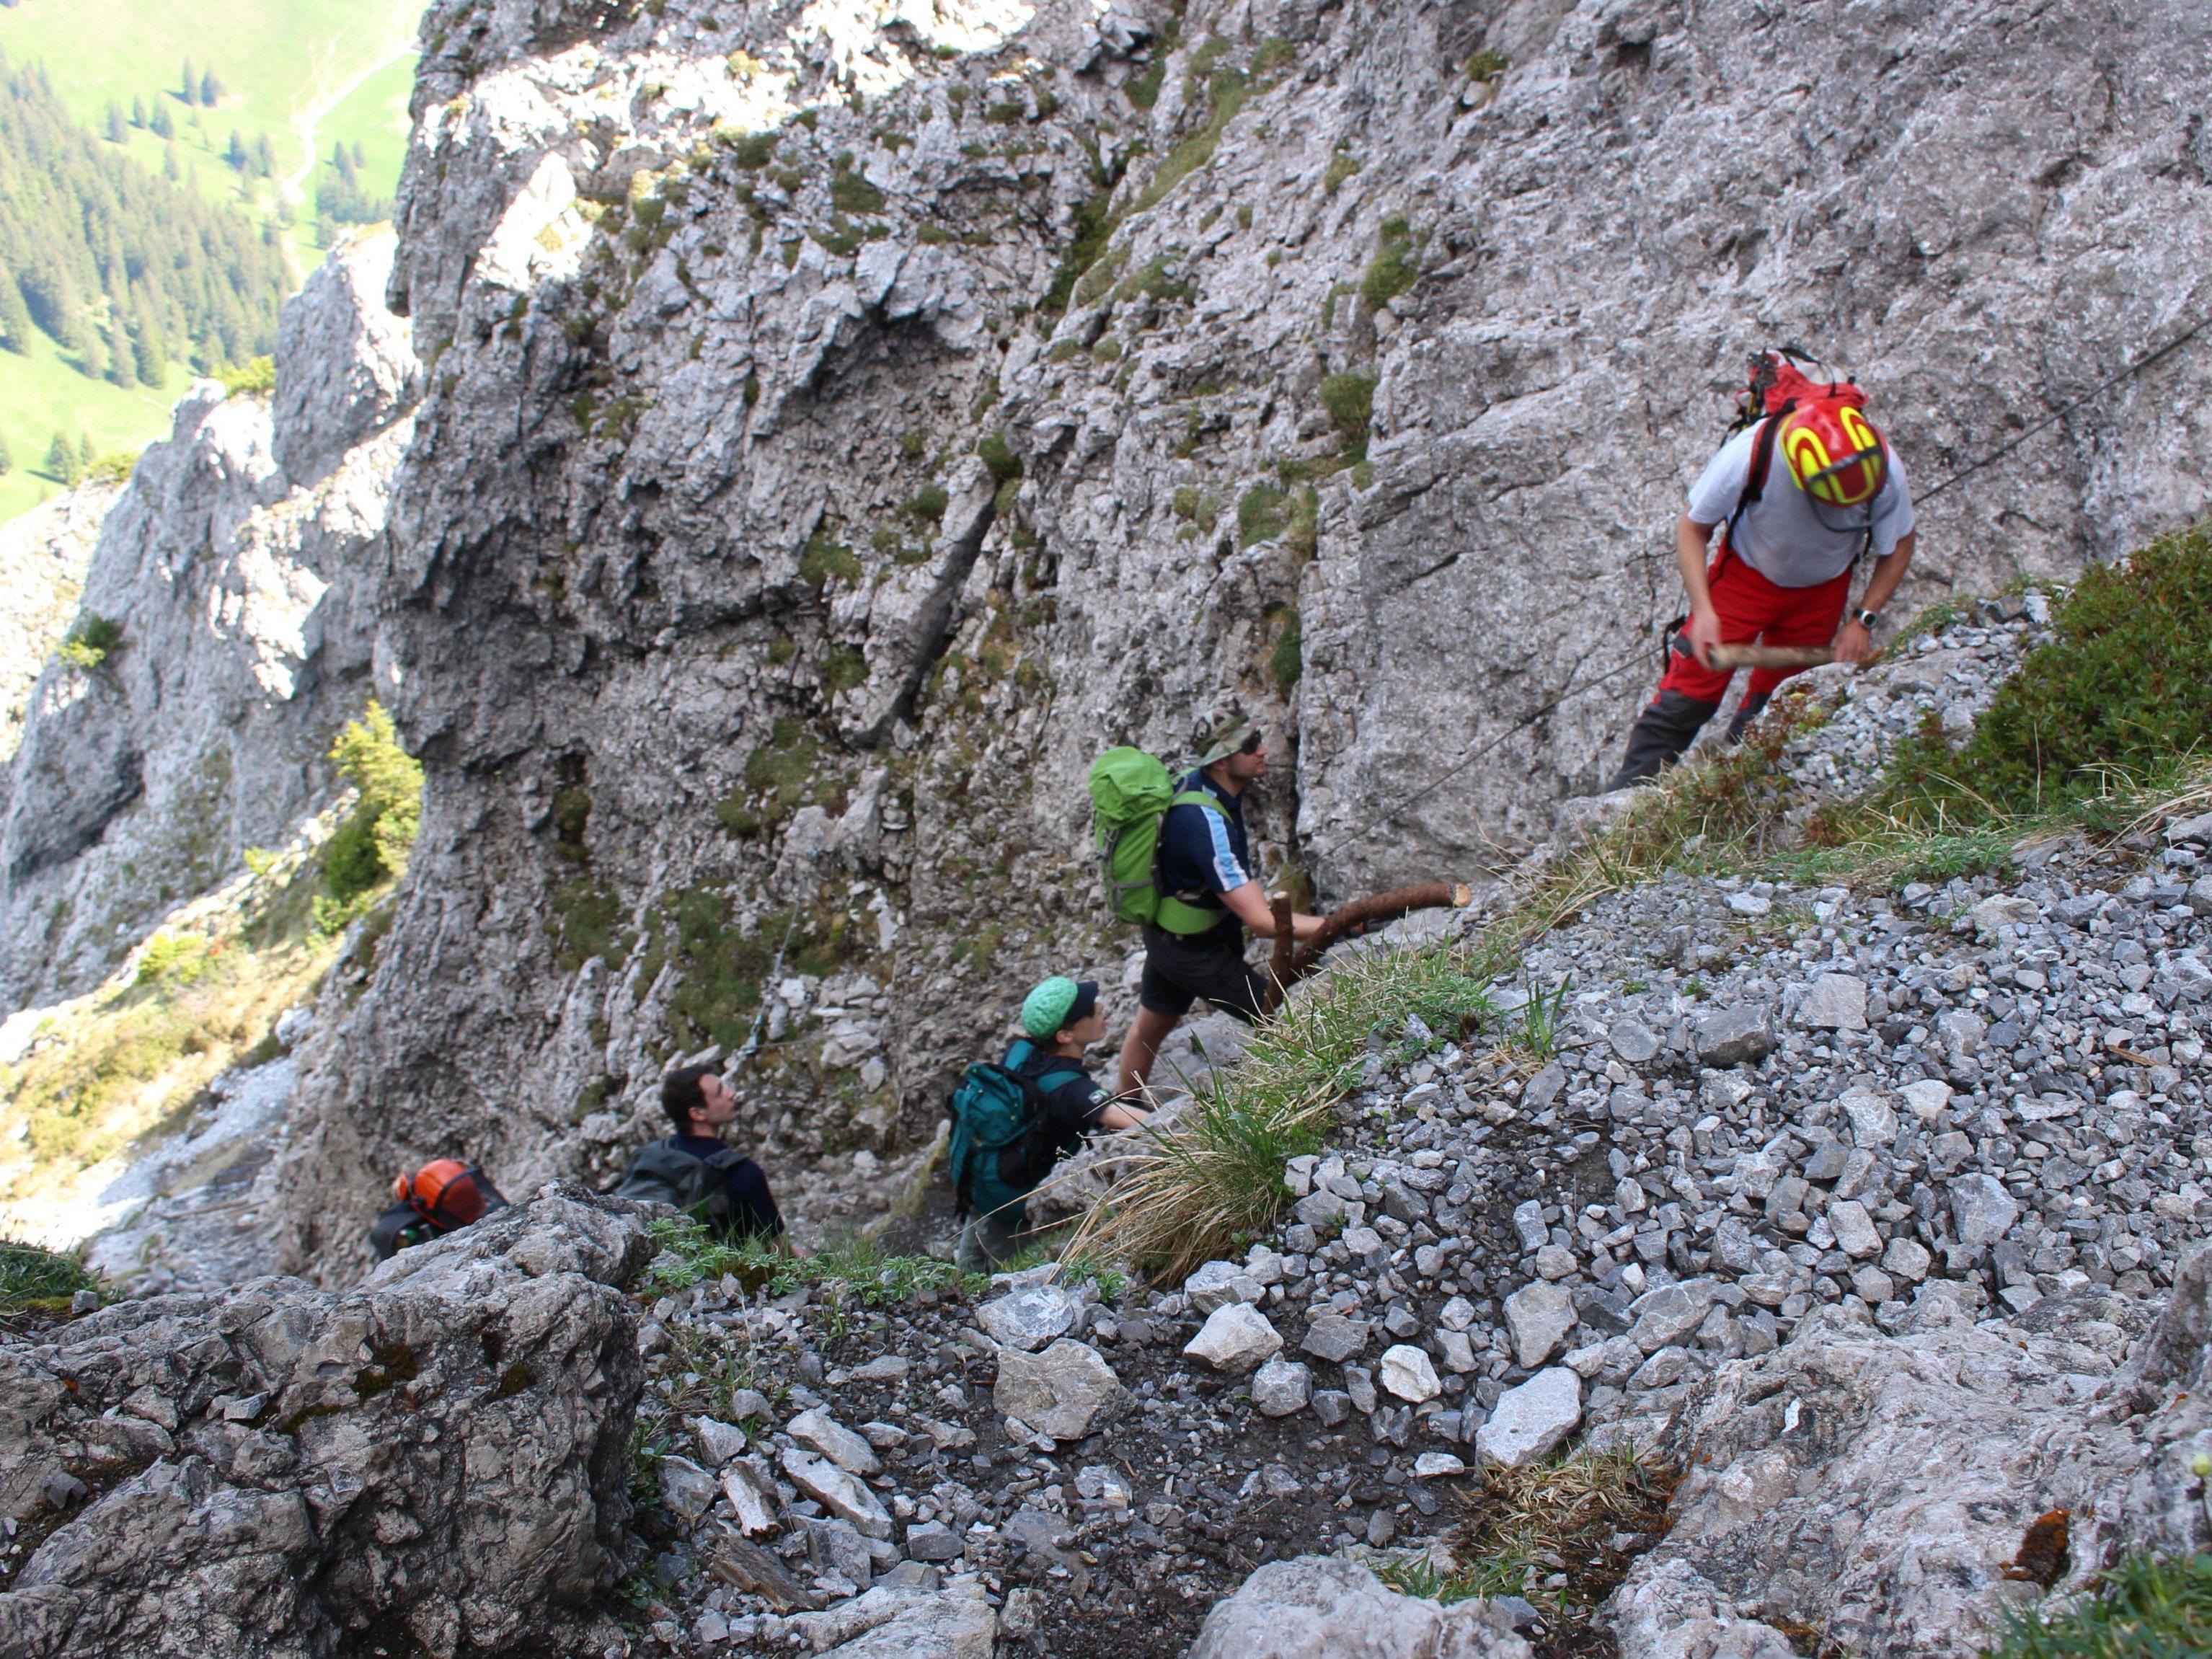 Drei-Schwestern-Steig dank Alpenverein für die Sommersaison gerüstet.